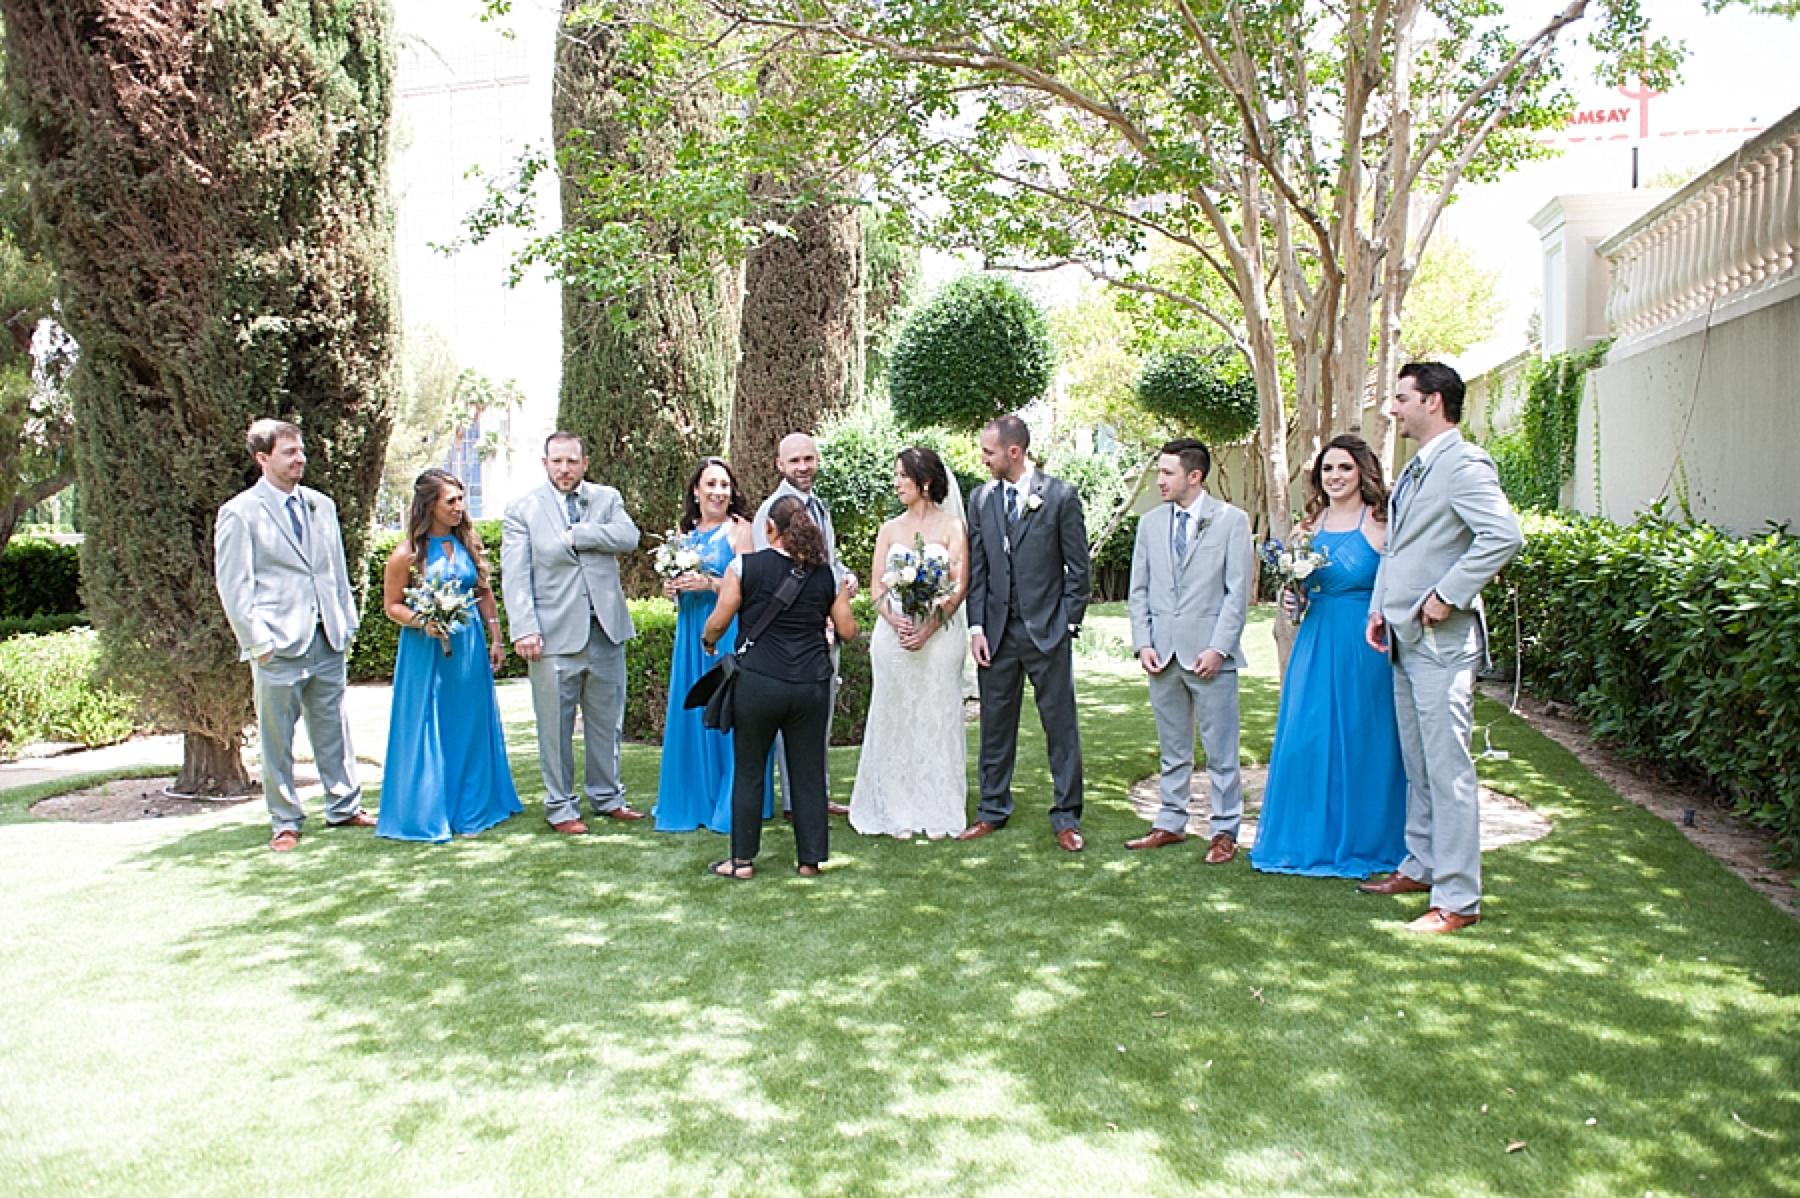 las_vegas_wedding_photographers_behind_the_scenes-03-9.jpg